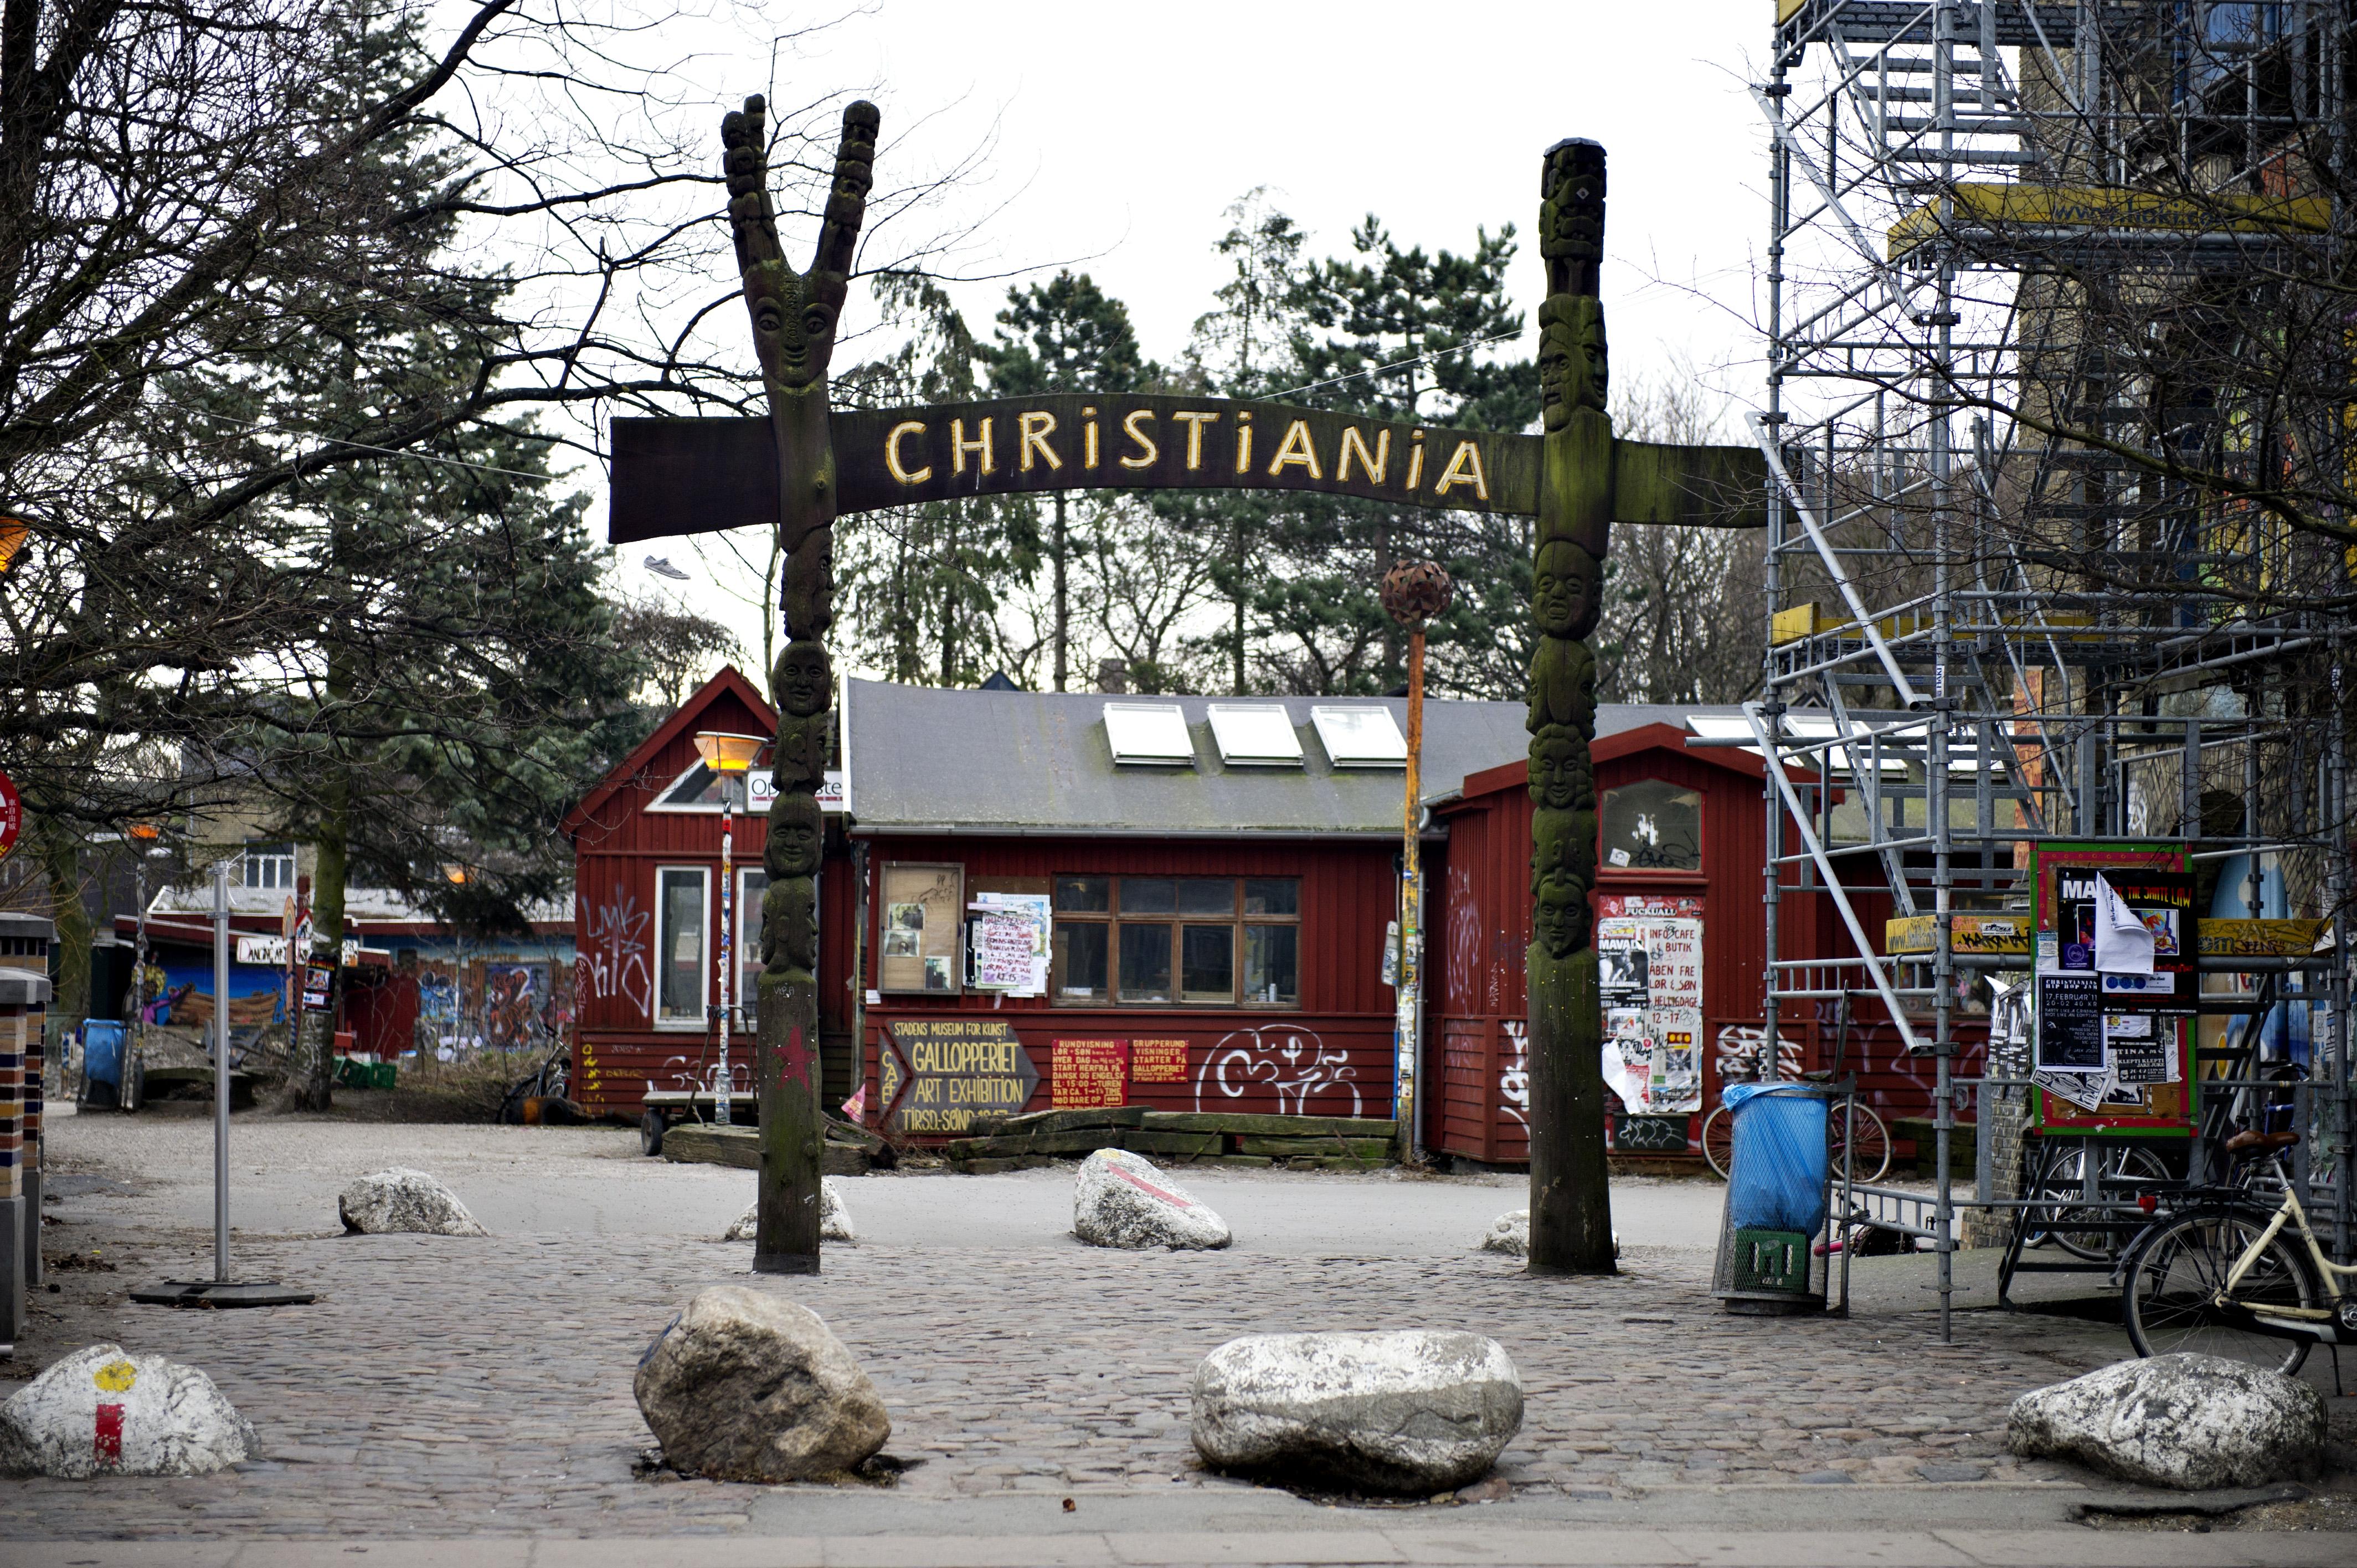 Billeder fra Christiania i forbindelse med, at der bliver afsagt dom i højesteret fredag den 18. februar.